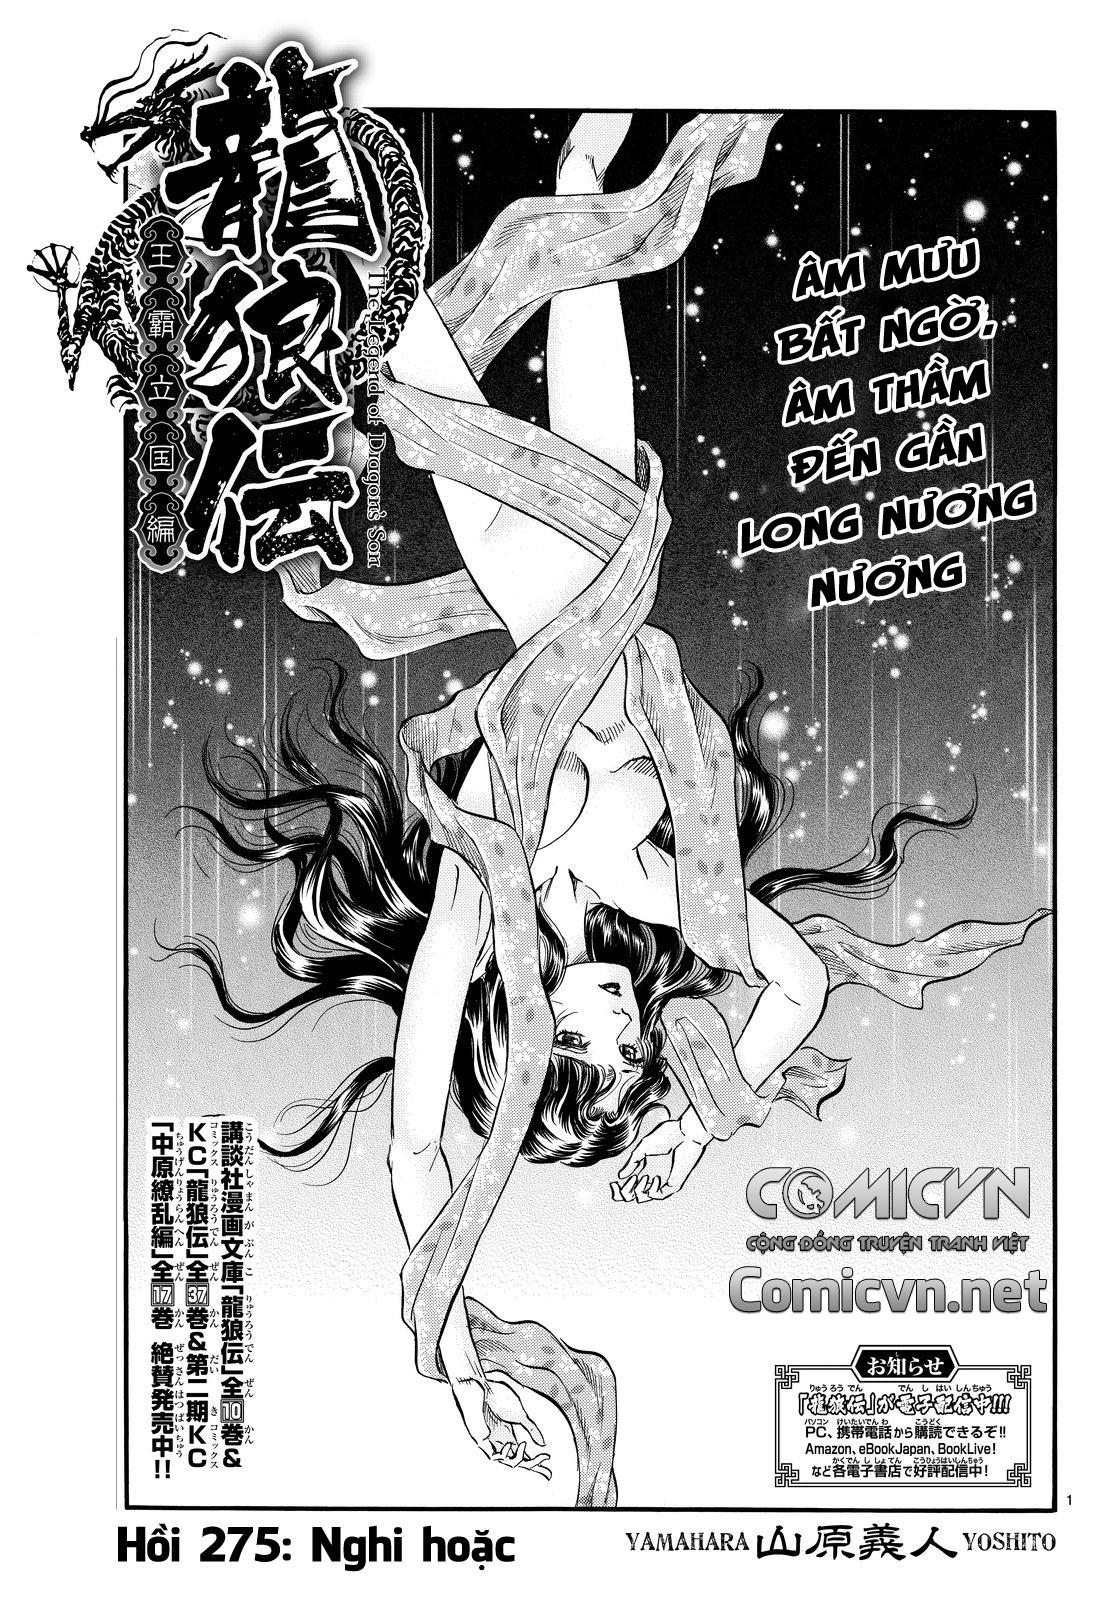 Chú Bé Rồng - Ryuuroden chap 276 - Trang 1